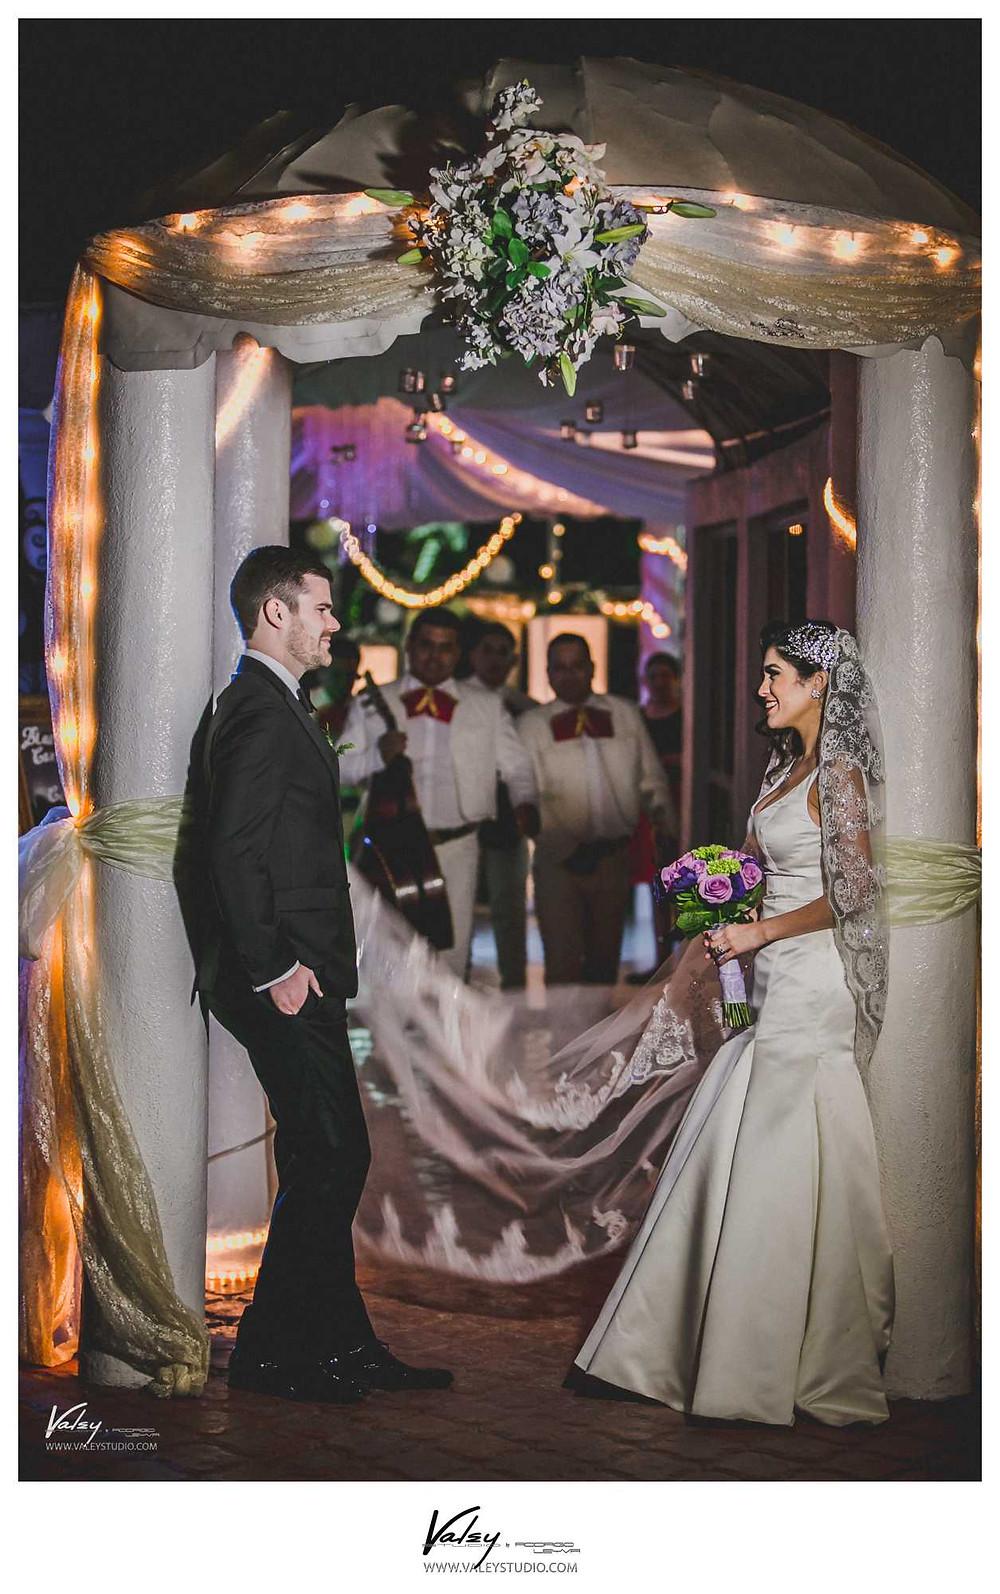 wedding-valeystudio-real-del-rio-tijuana-42.jpg